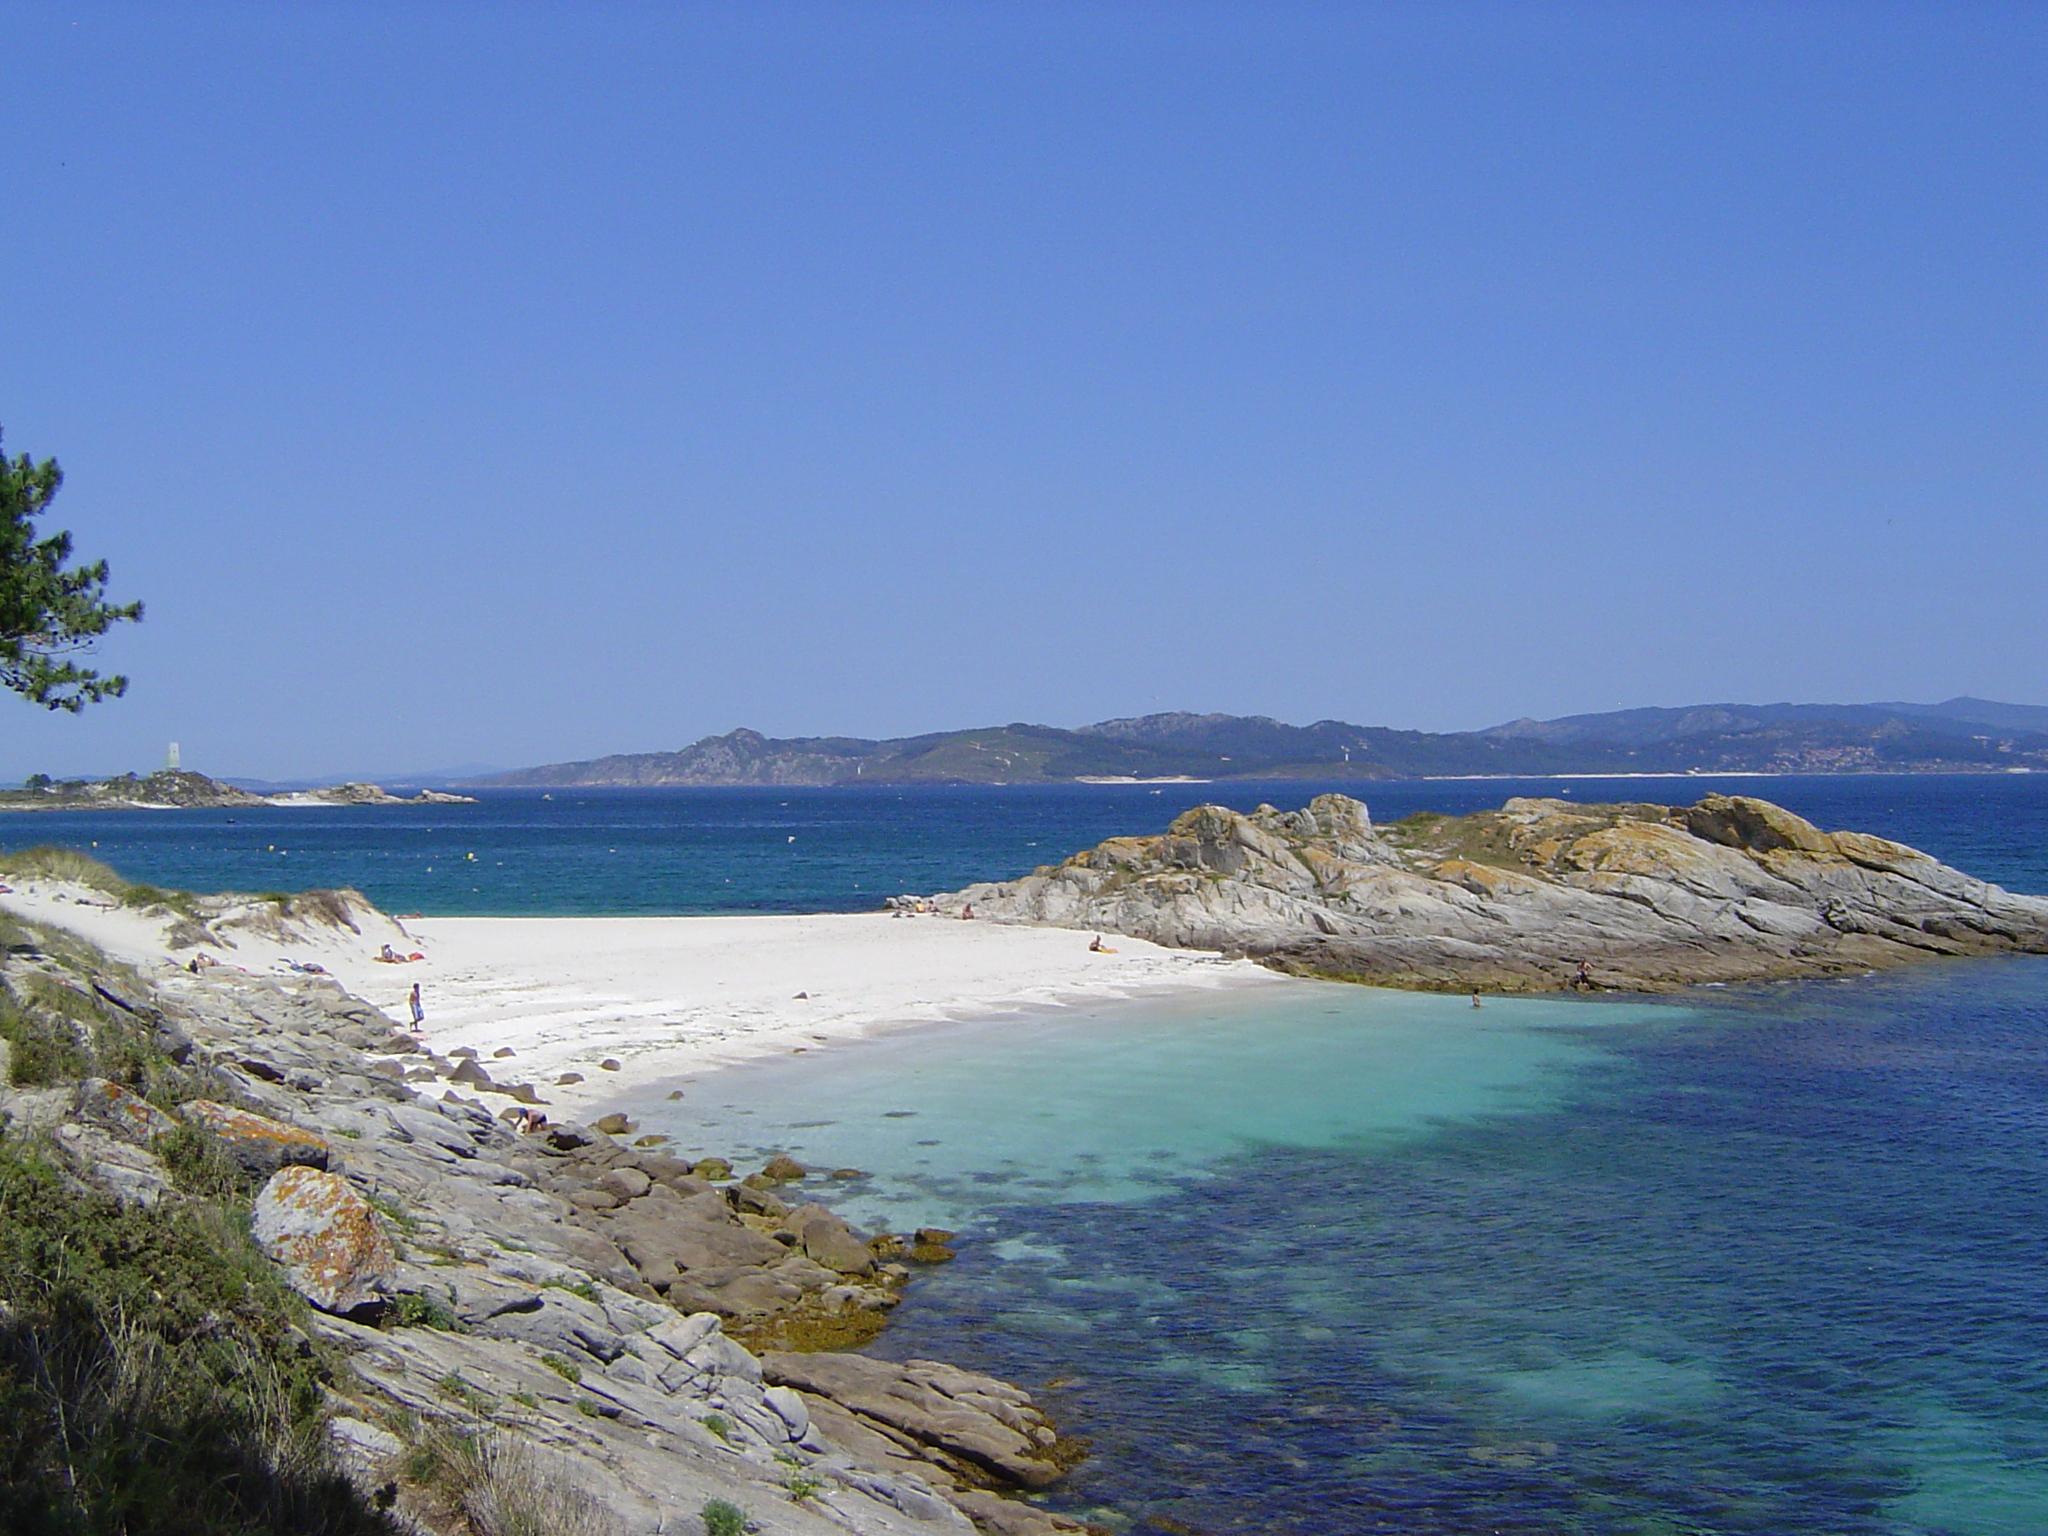 Imaxe dunha das praias das Illas Cíes